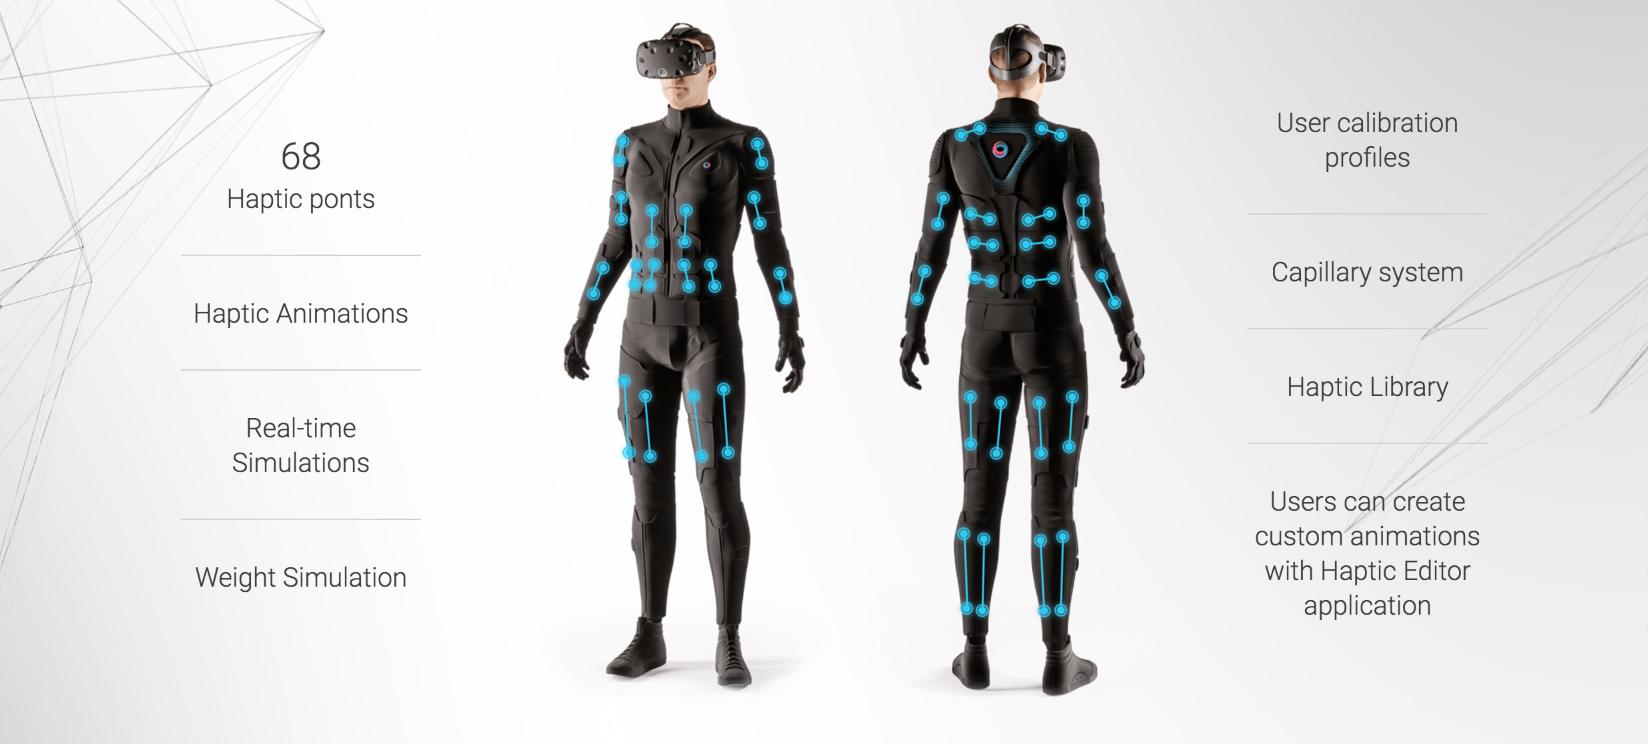 لباس مخصوص بازی با تکنولوژی هپتیک